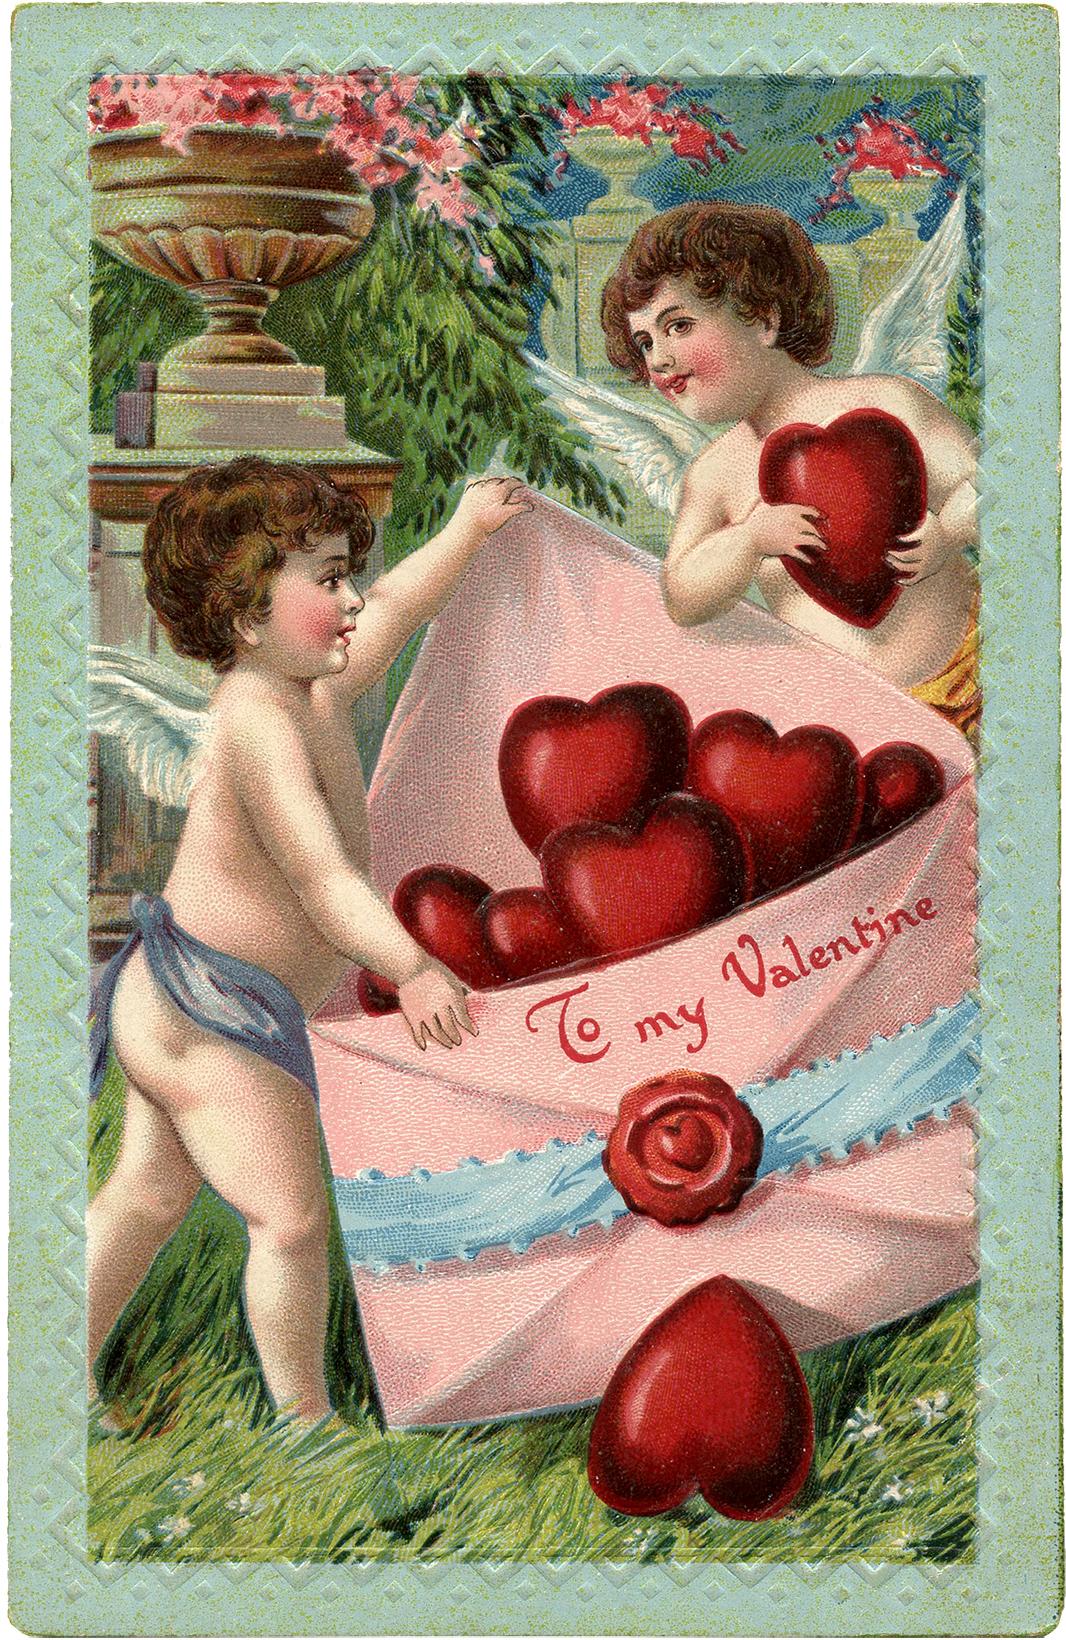 Винтажная валентинка с купидонами принесшими сердца в конверте